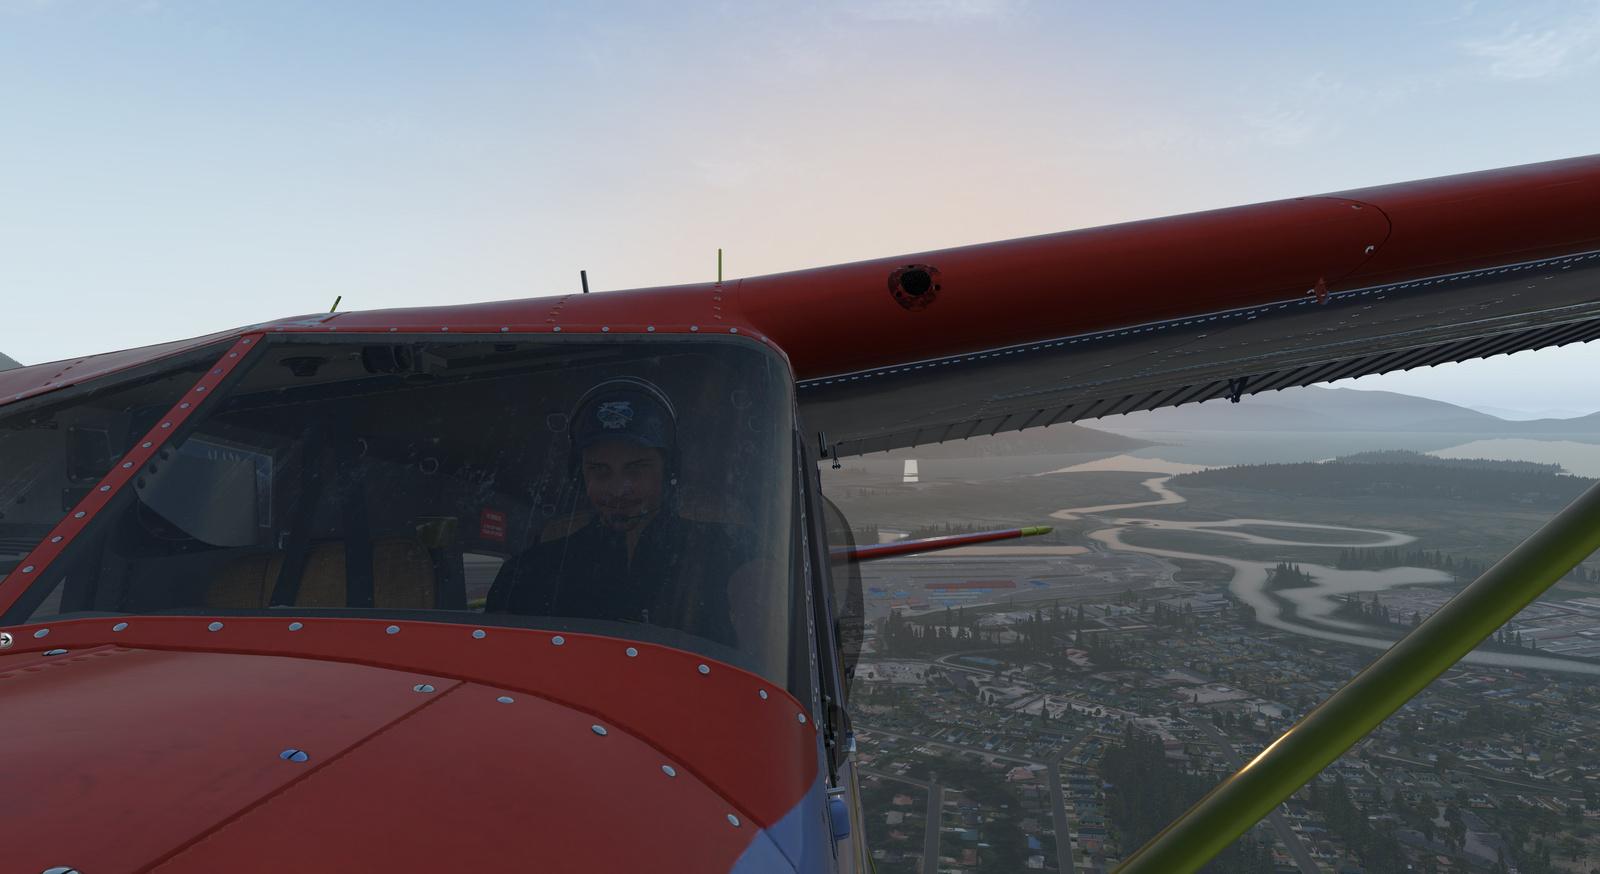 Spirit of Alaska repaint for Thranda DHC-2 Beaver for X-Plane 11, Tundra tires, image 8/20